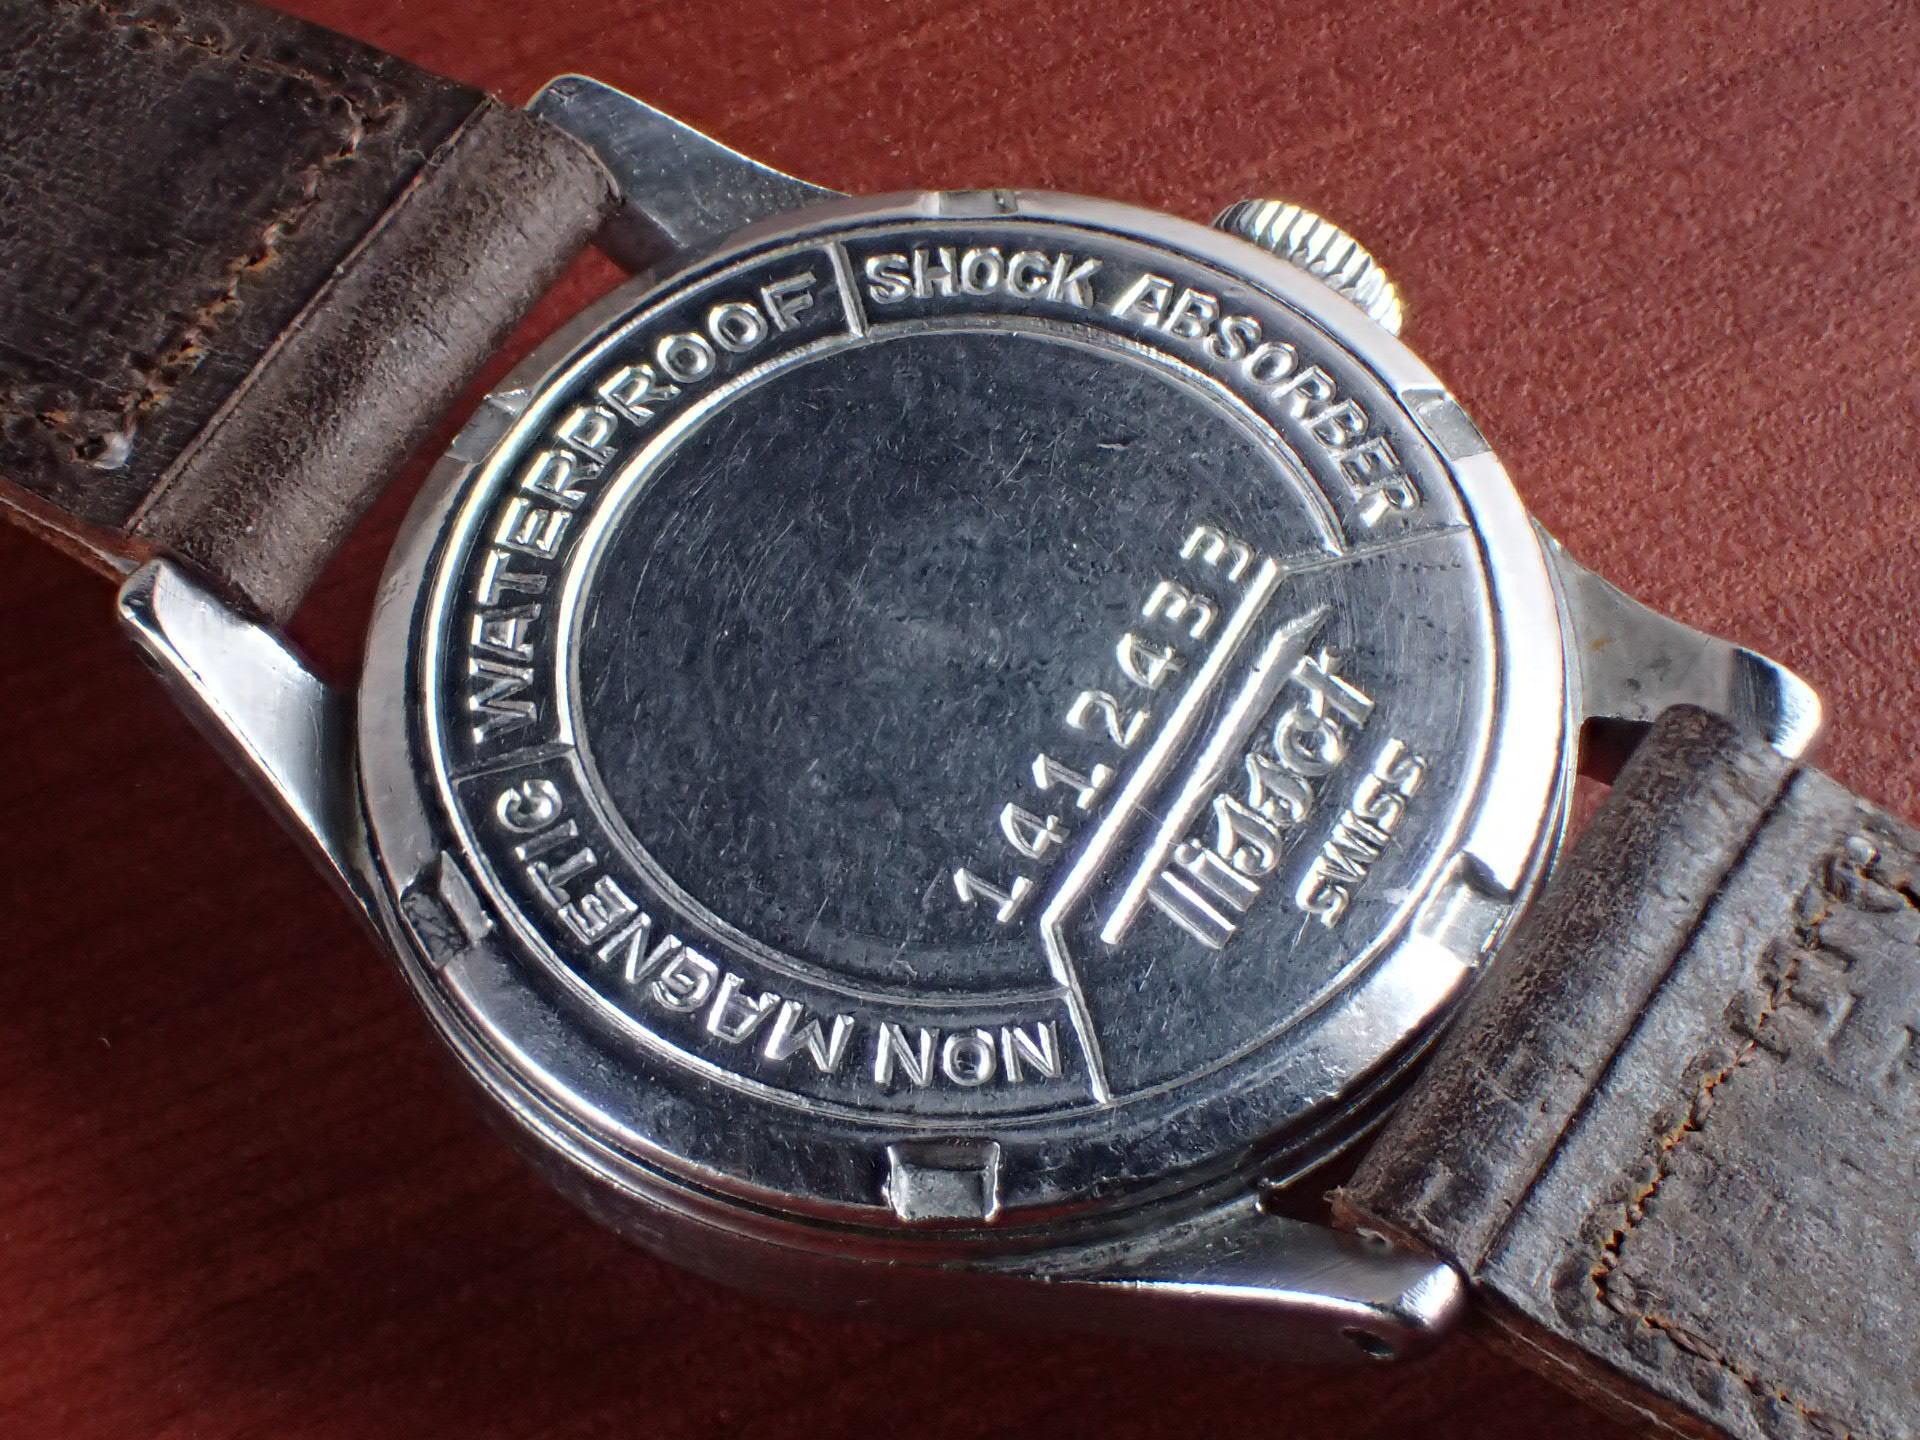 ティソ キャリバー27-3 ブラックダイアル スモールセコンド 1940年代の写真4枚目